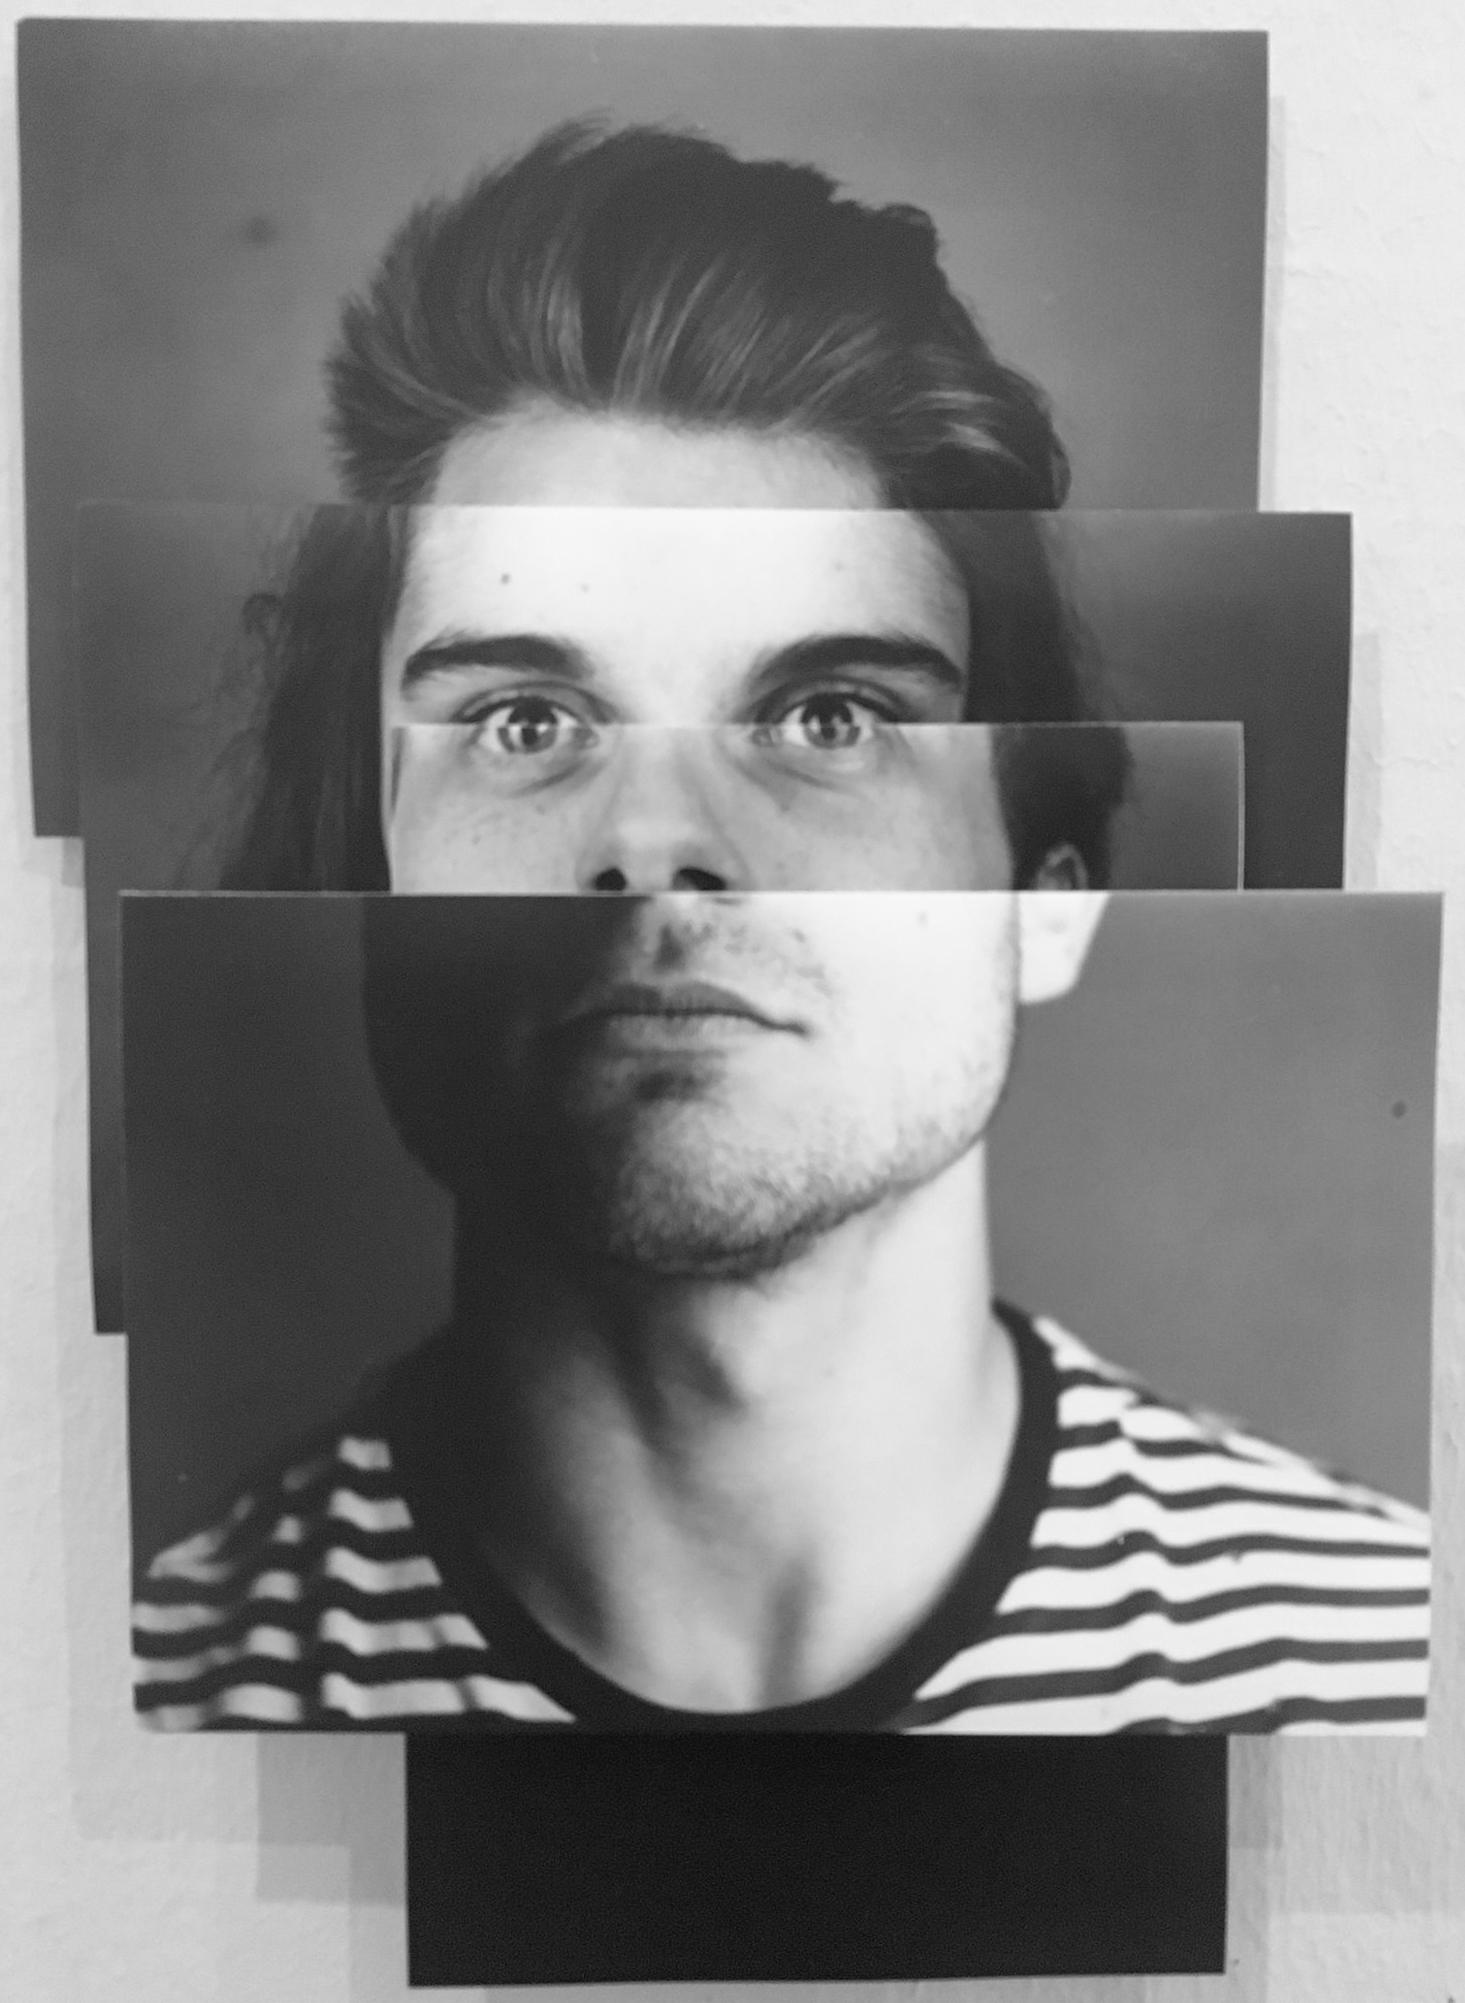 Kathi - Die Symbiose.  Das Portrait des Schülers formt sich aus dem Kollektiv der Klasse. Durch unterschiedliche Blickwinkel und Ideen, Experimente und Anstöße, entwicklet sich der persönliche Künstler-Charakter.